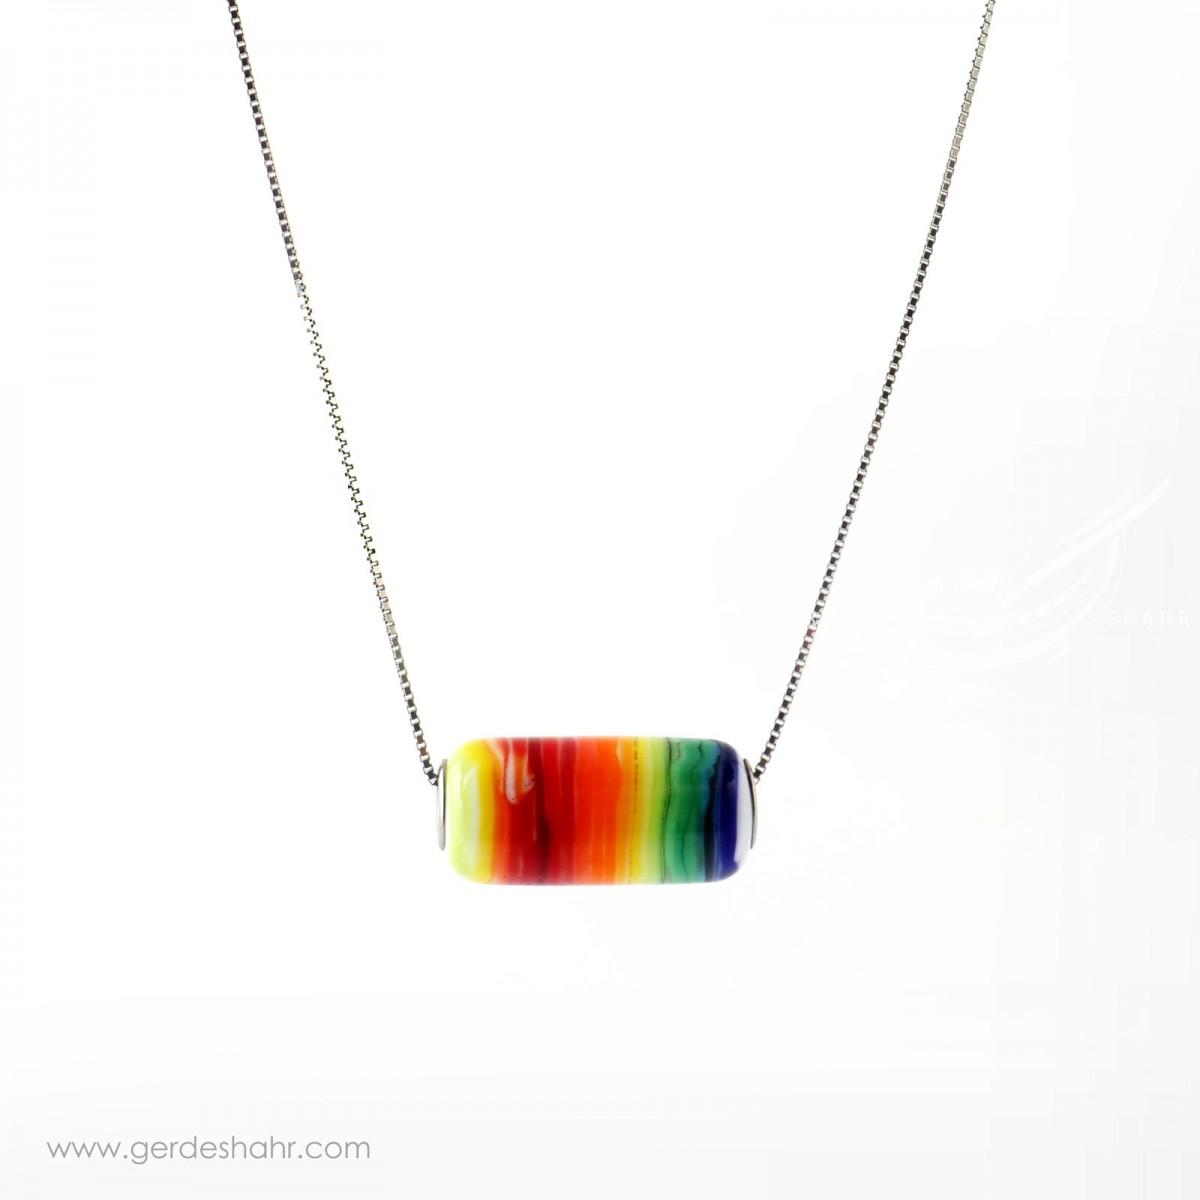 گردنبند شیشه ای رنگین کمان آرتیش زر و زیور